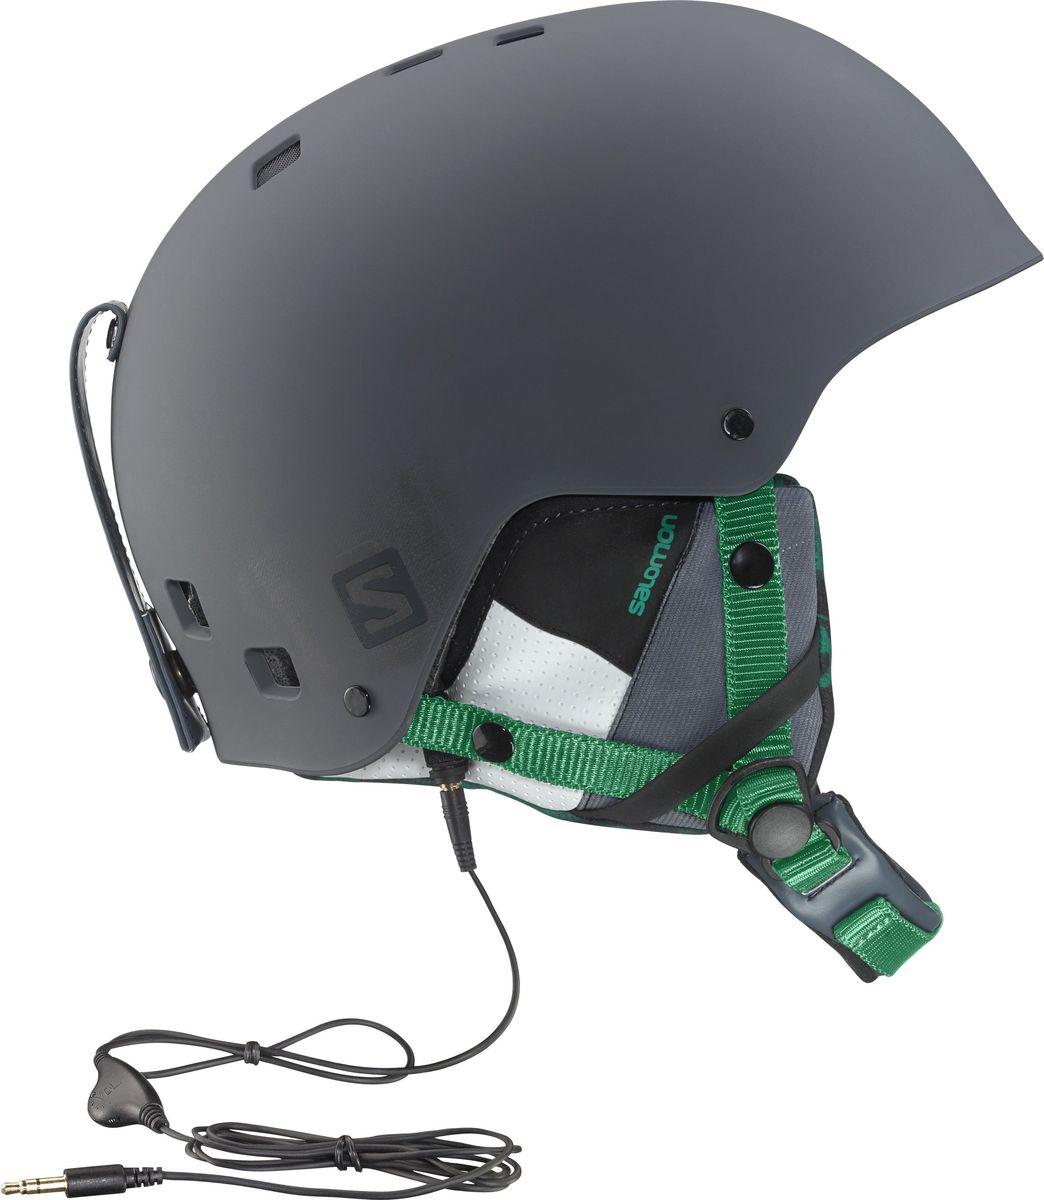 Шлем горнолыжный Salomon Helmet Brigade Audio Grey/Forest Gr. Размер S (55/56) горнолыжный шлем salomon salomon allium custom air черный s 53 56